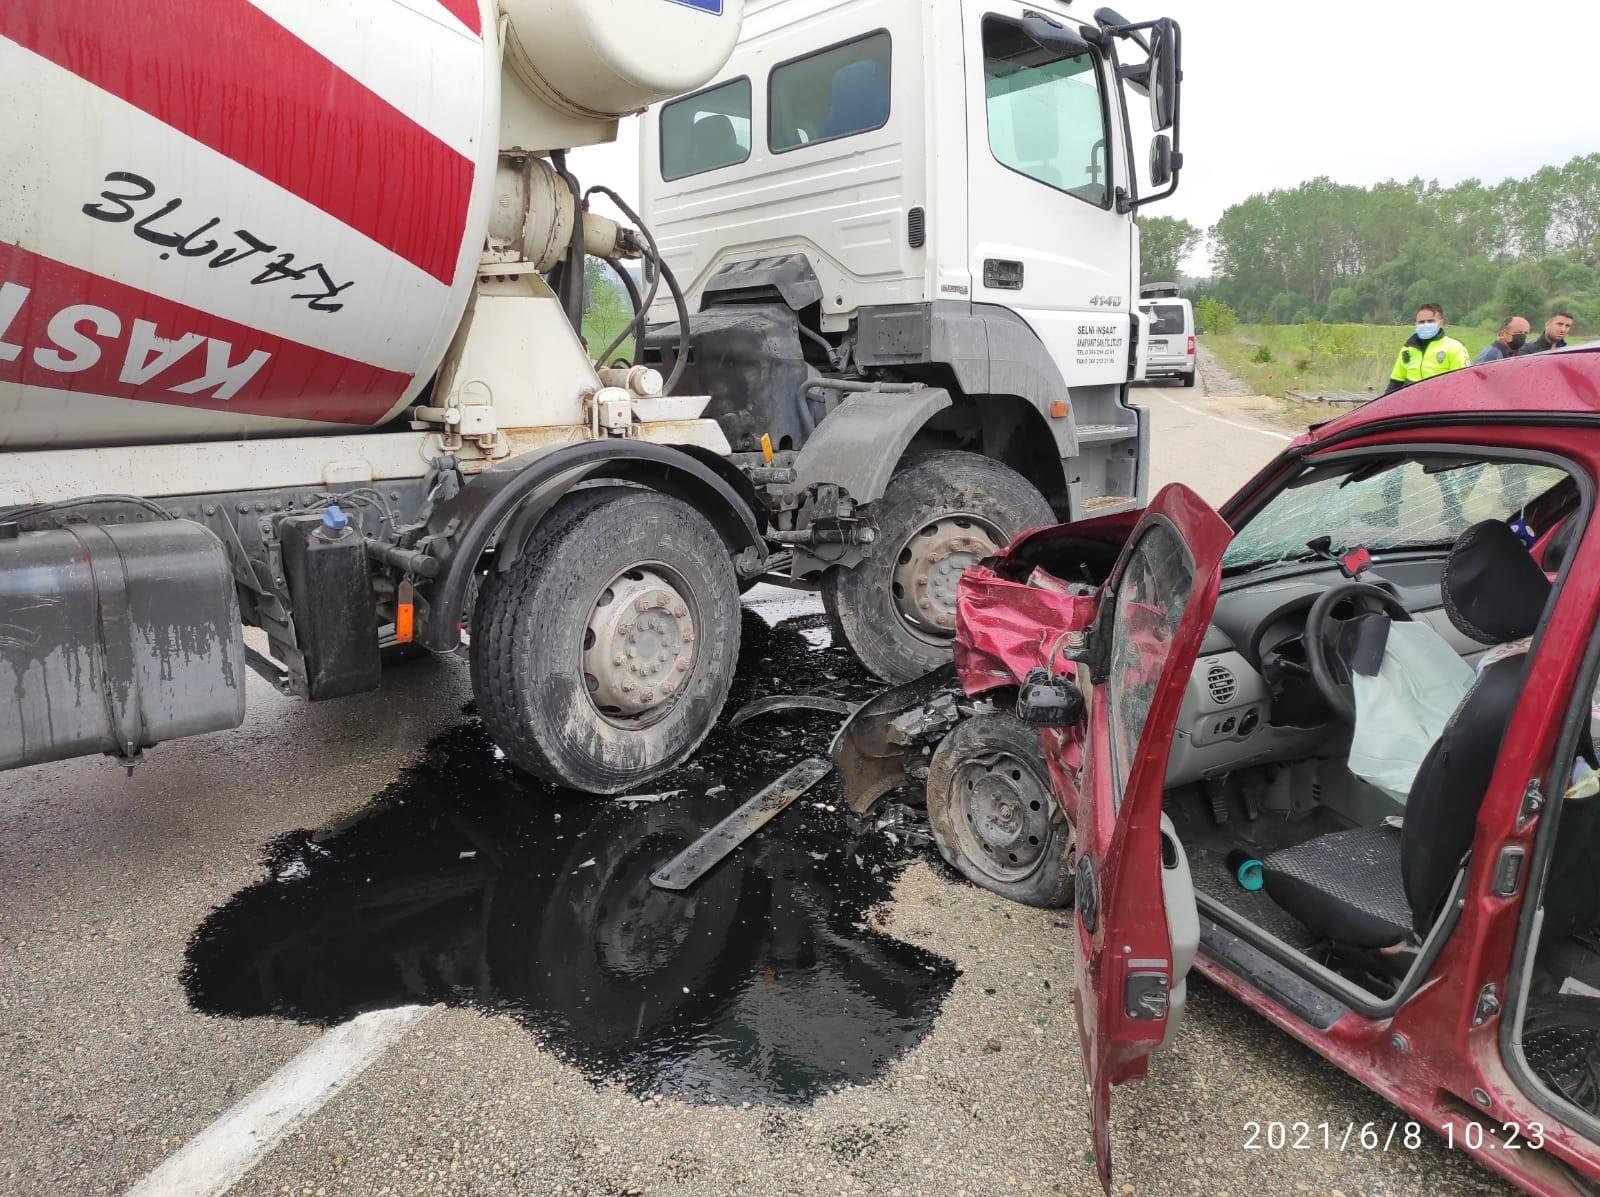 Kastamonu'da iki ayrı kazada 5 kişi yaralandı